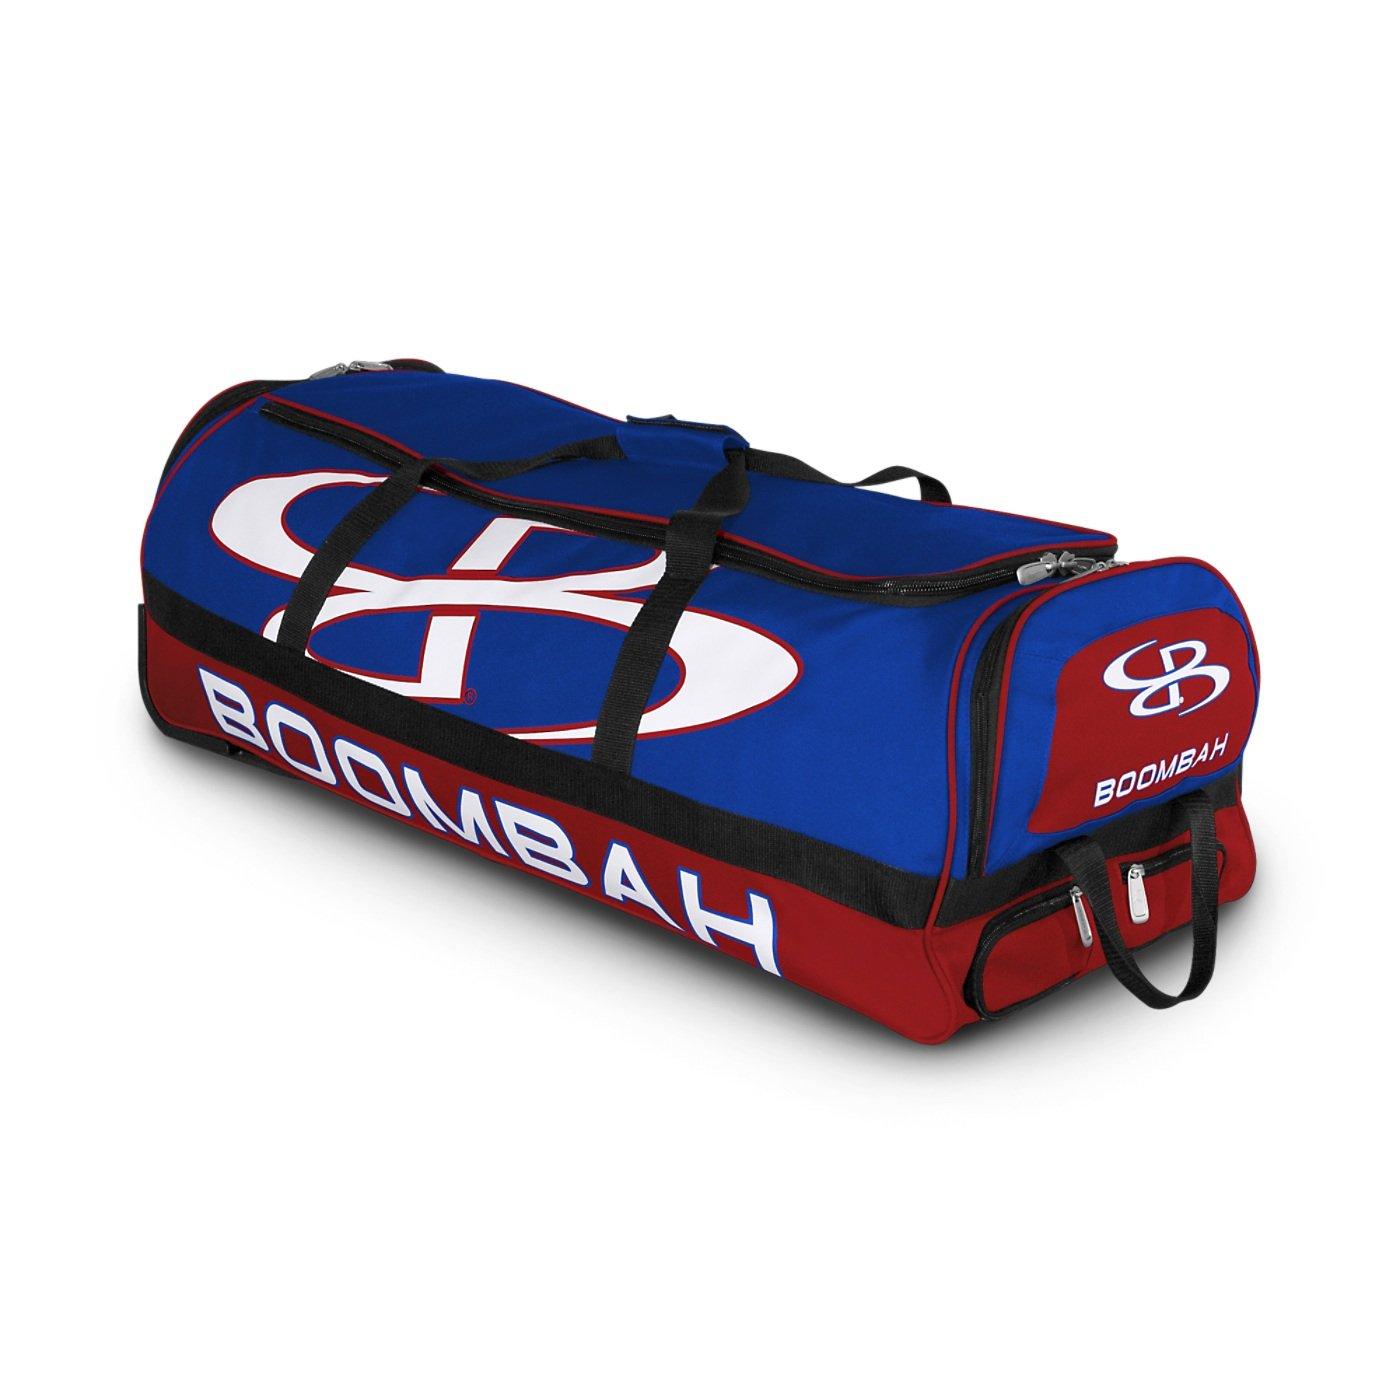 (ブームバー) Boombah Bruteシリーズ キャスター付きバットケース 野球ソフトボール用 35×15×12–1/2インチ 49色展開 4本のバットと用具を収納可能 B01MRMX1PP Red/Royal Red/Royal